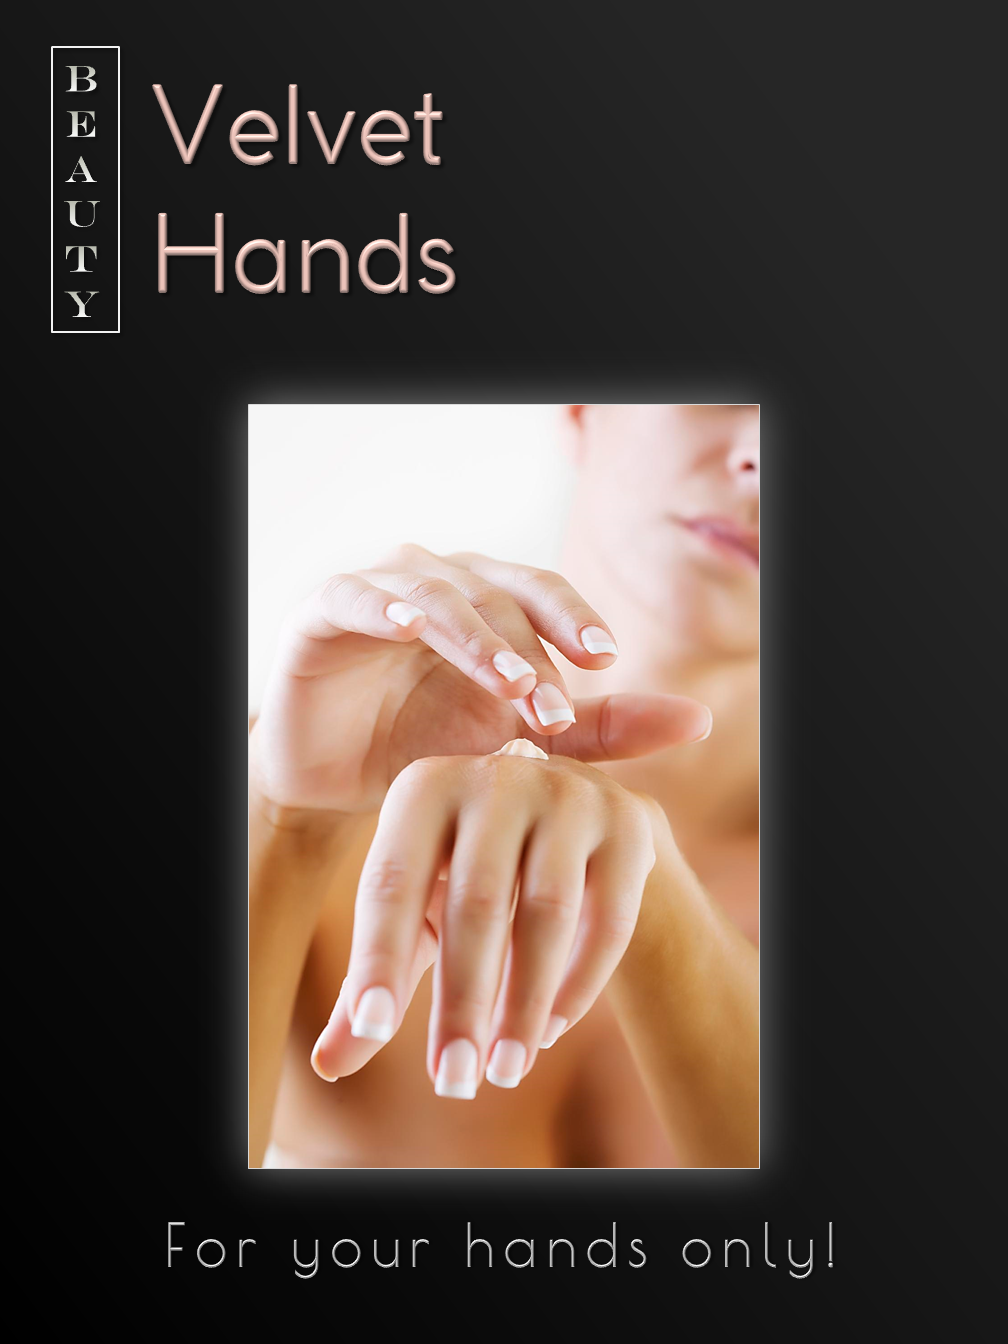 Velvet Hands